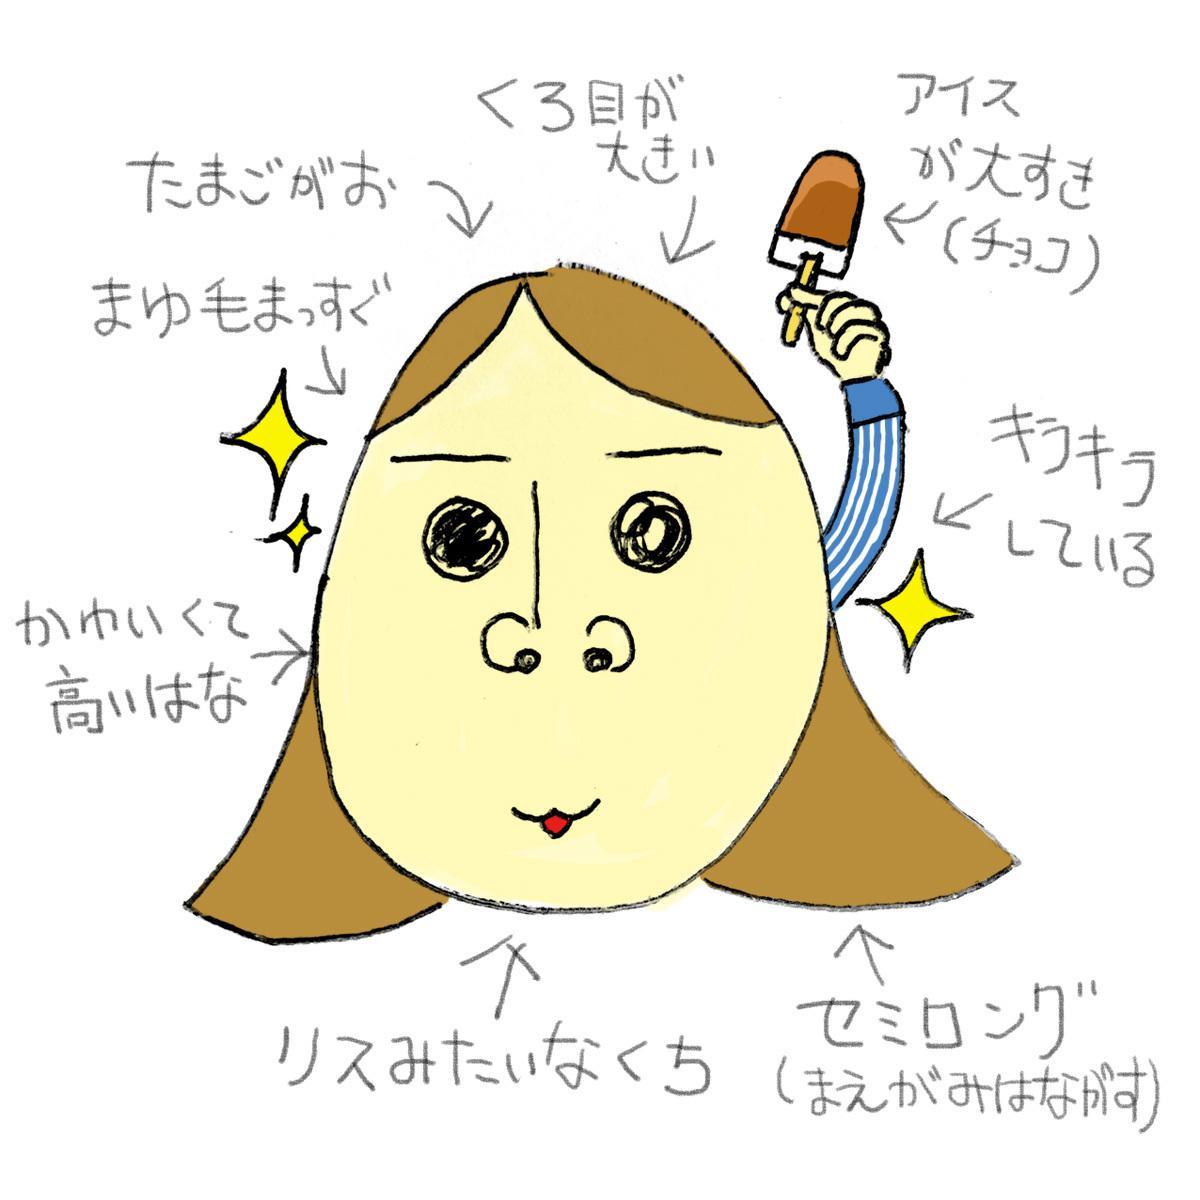 新ジャンル!想像似顔絵描きます あなたの顔、写真を見ずに似顔絵にします! イメージ1